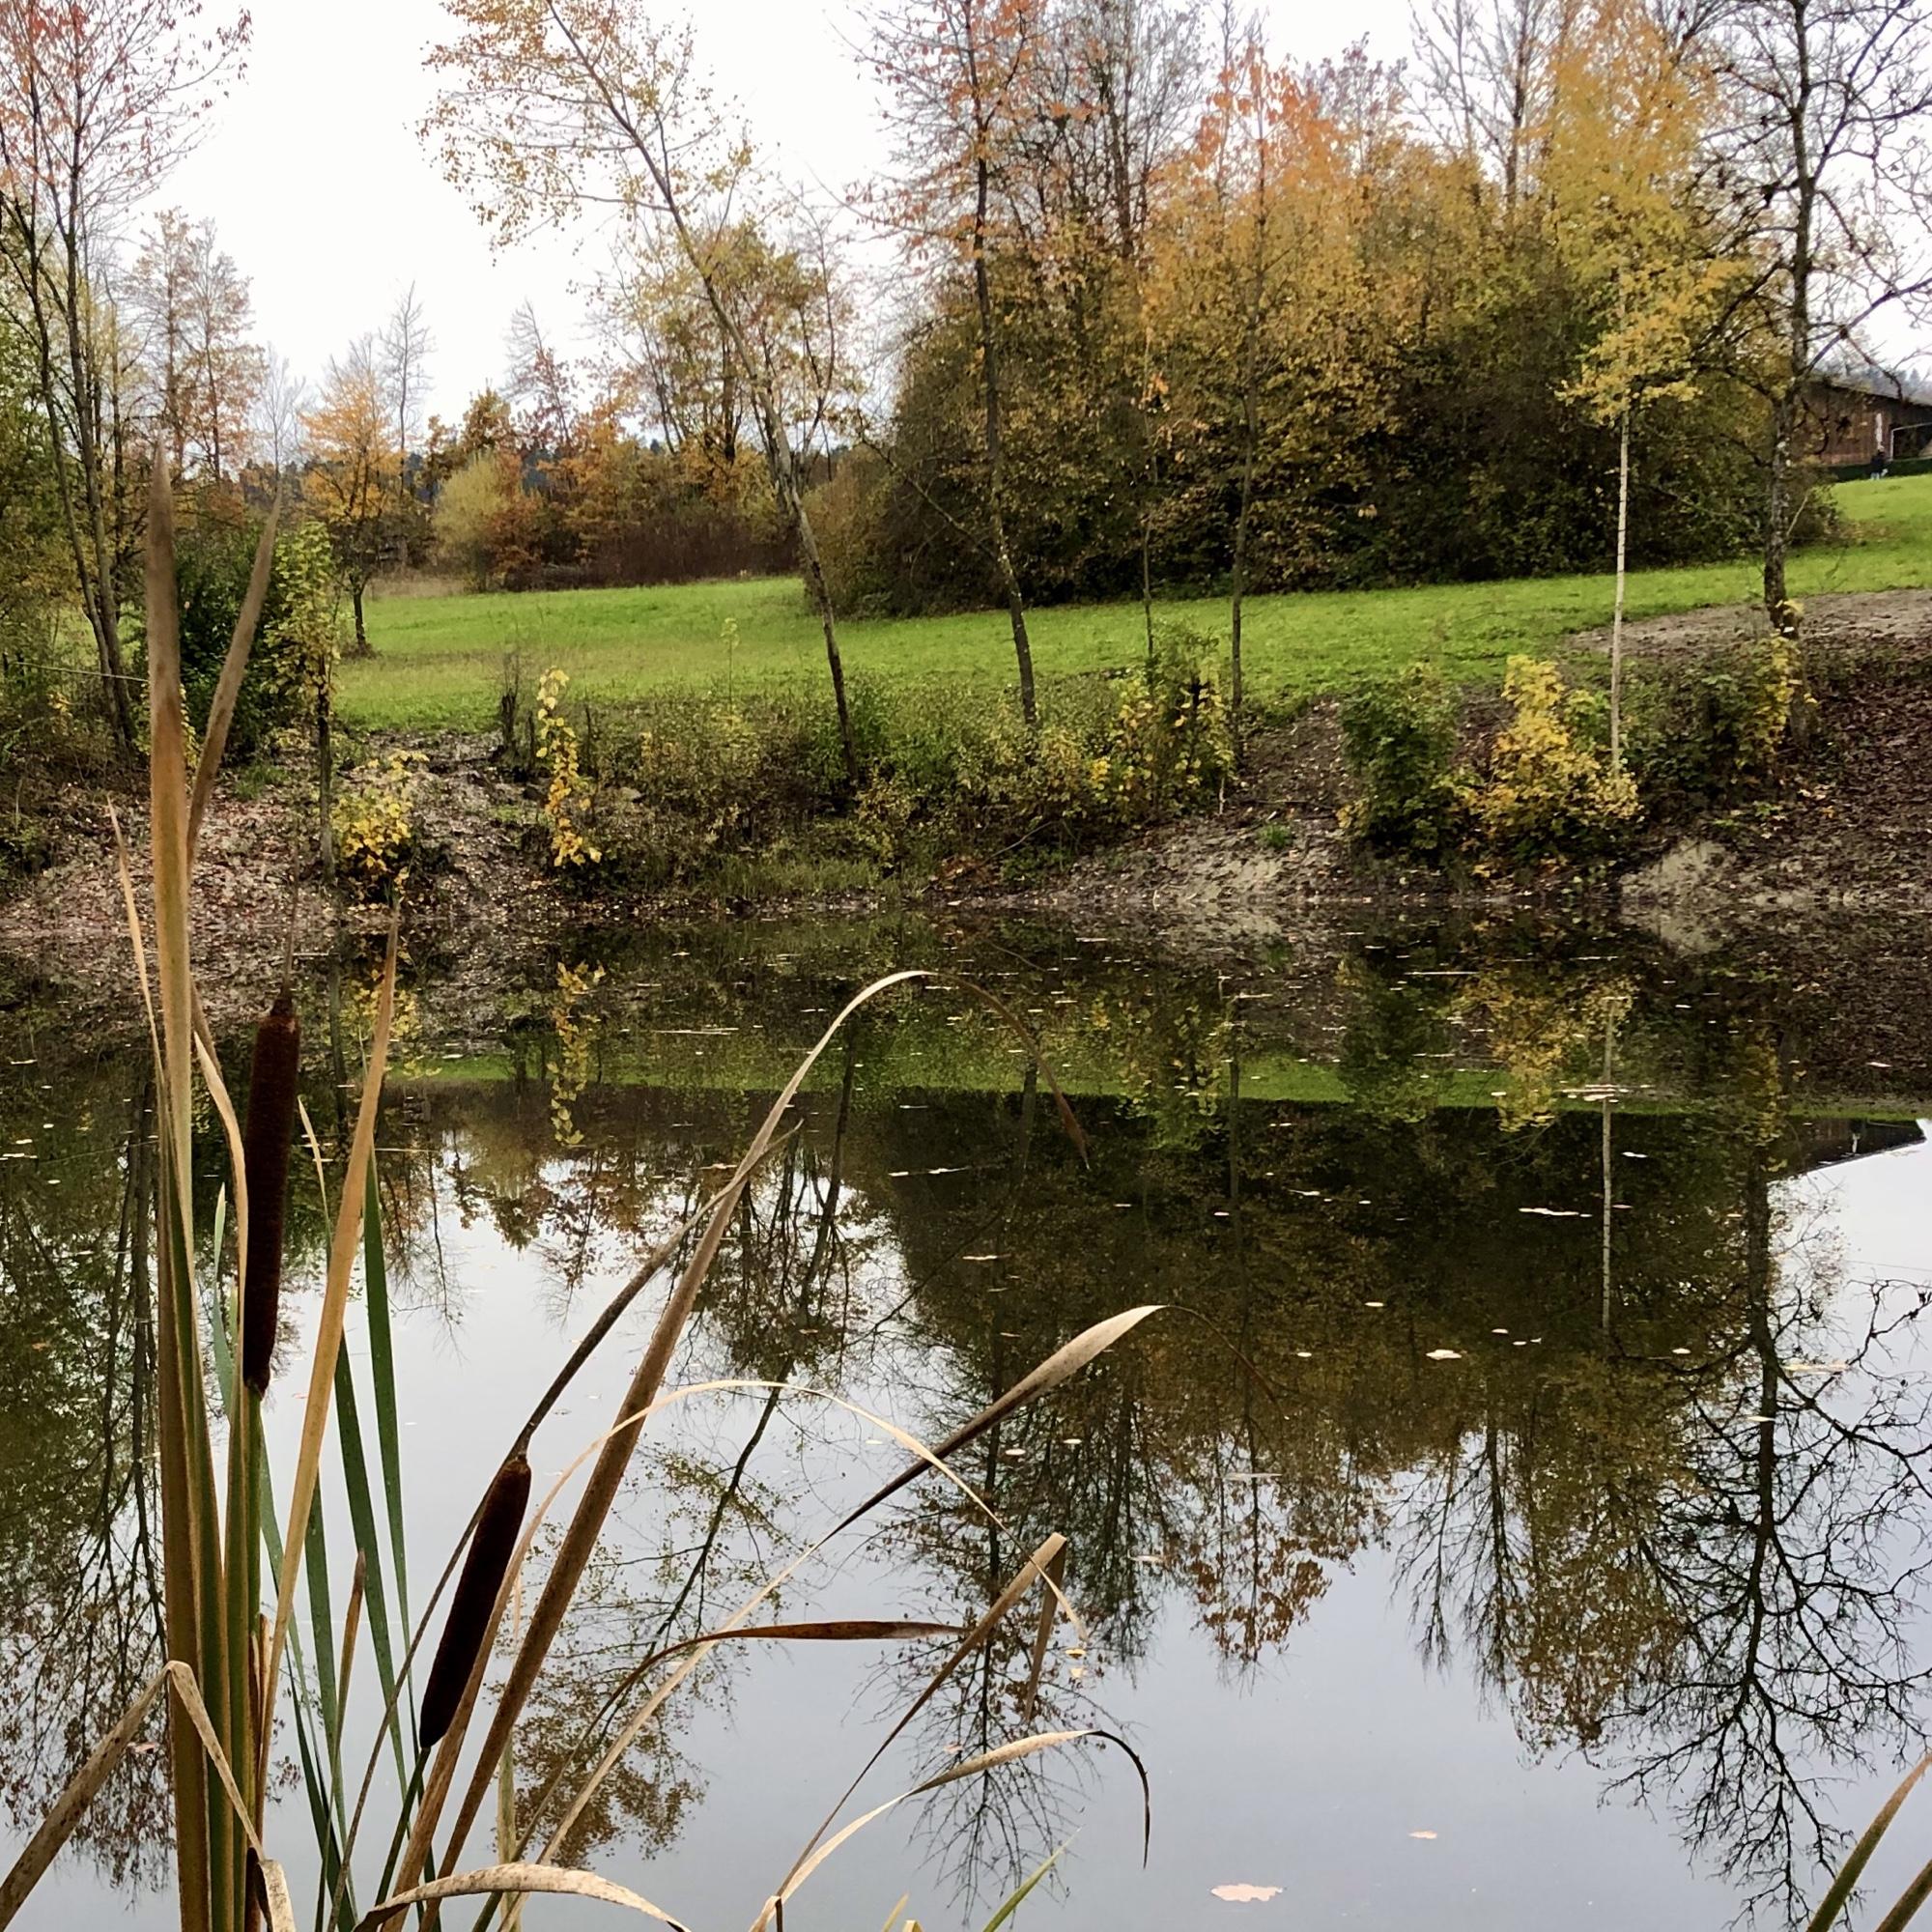 Teich mit Schilfblättern. Die Bäume im Hintergrund spiegeln sich im Wasser.